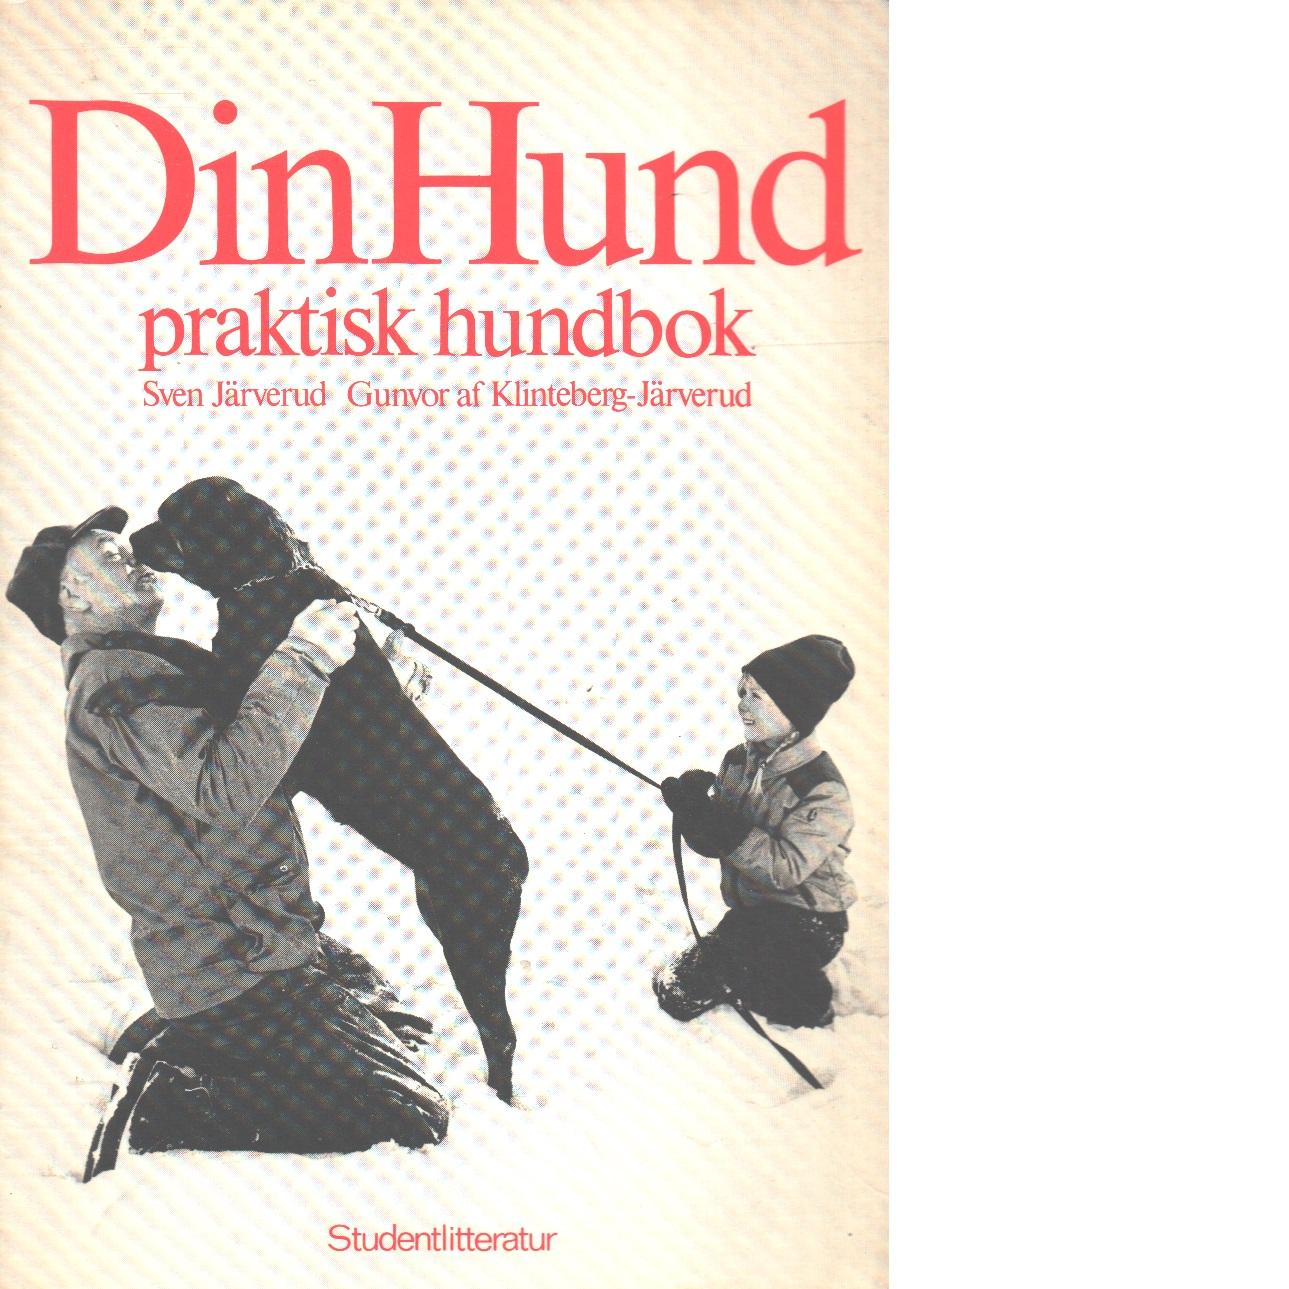 Din hund : [praktisk hundbok] - Järverud, Sven och Klinteberg-Järverud, Gunvor af